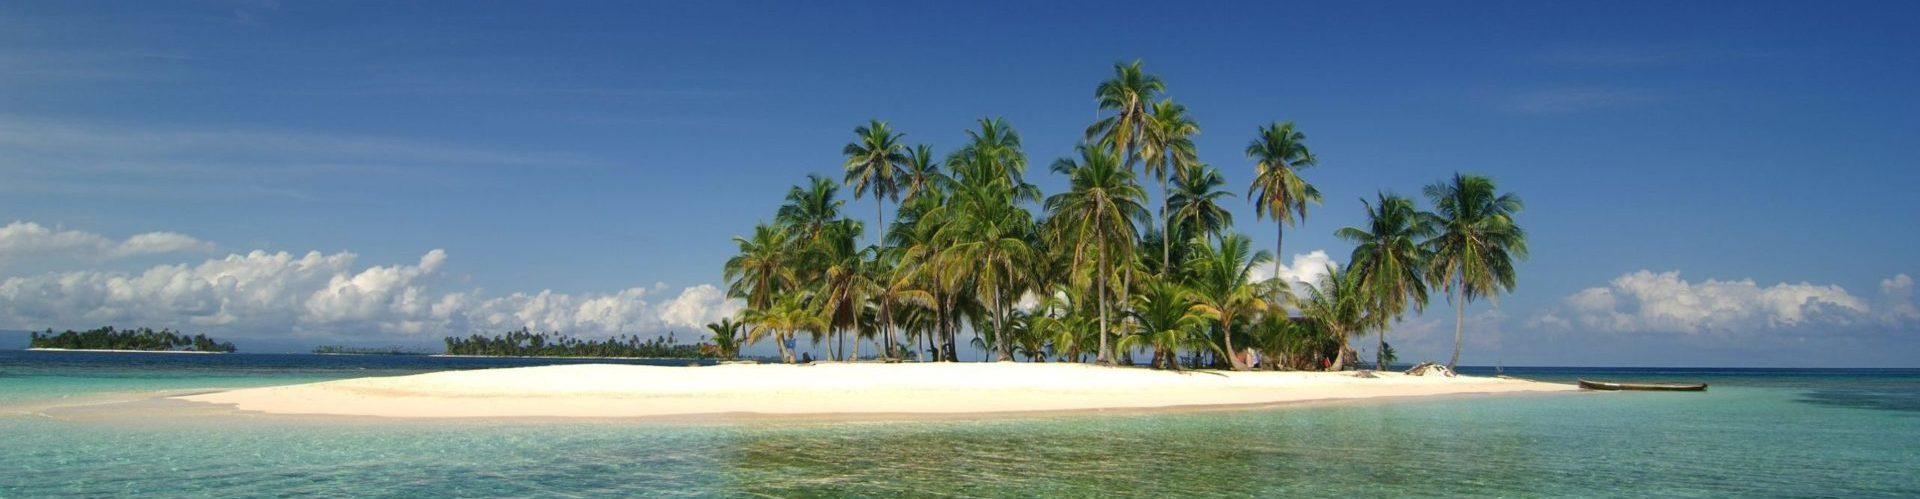 Panama, San Blas Inseln, Trauminsel, Latin America Tours